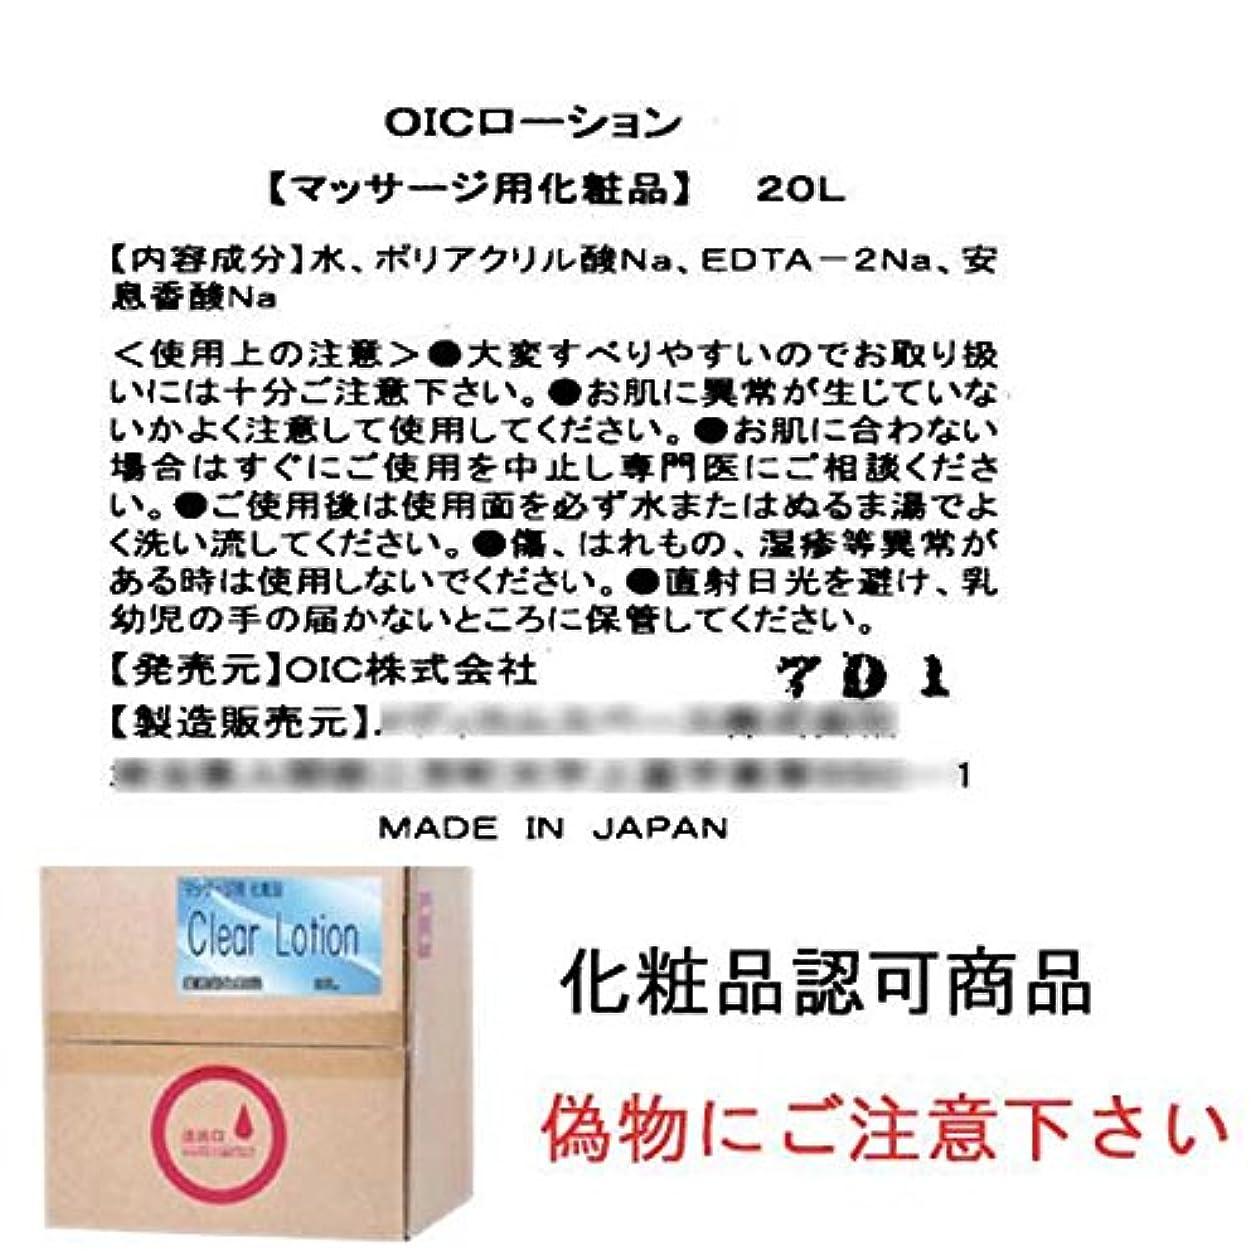 業務用ローション(保湿タイプ) 20L (クリア(ミディアム?コック付属)) 販売元オーアイシー(OEM商品)